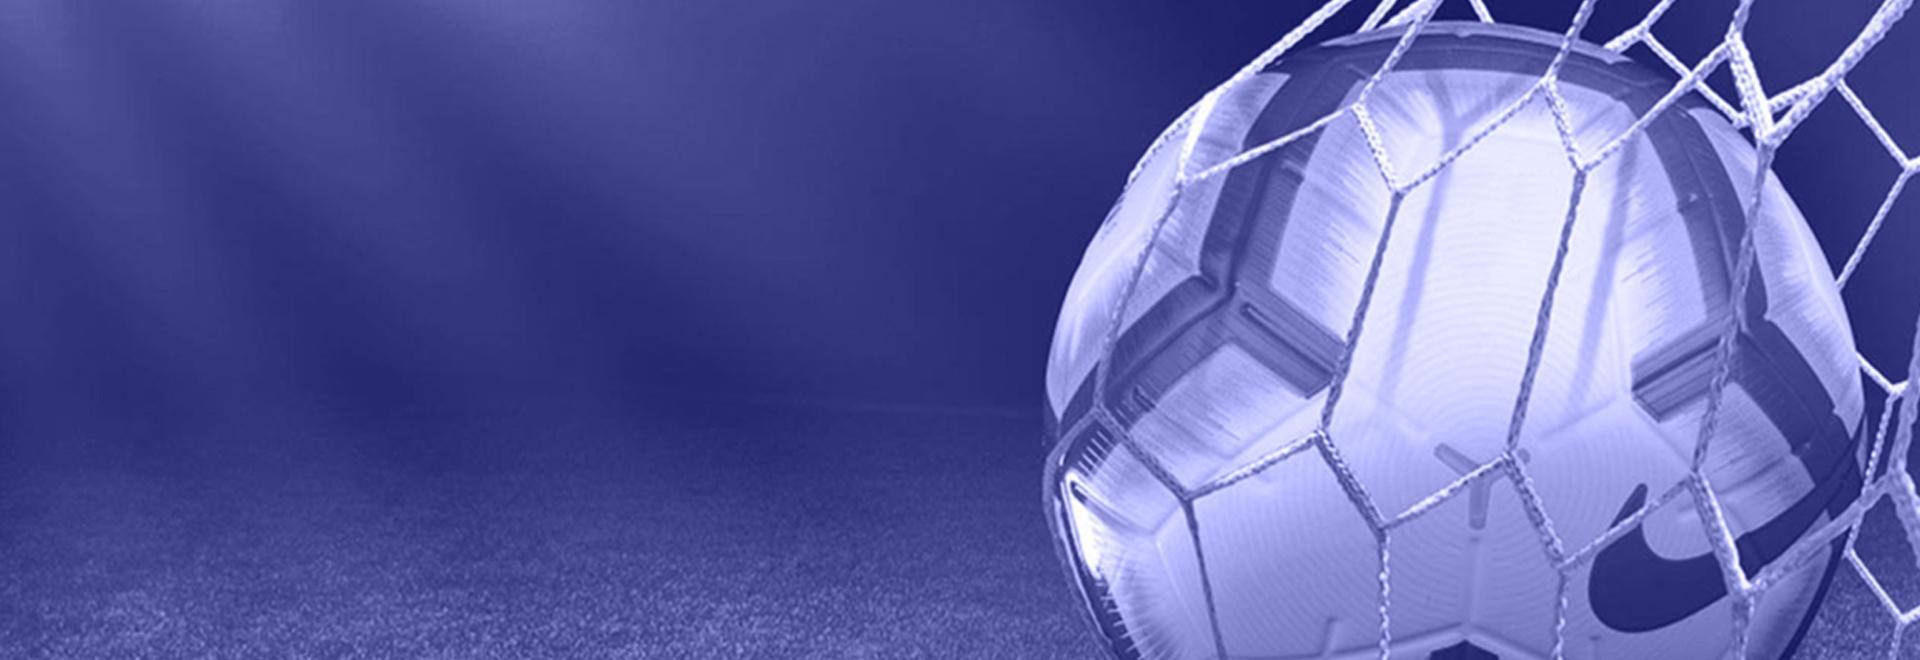 Inter - Juventus 30/03/13